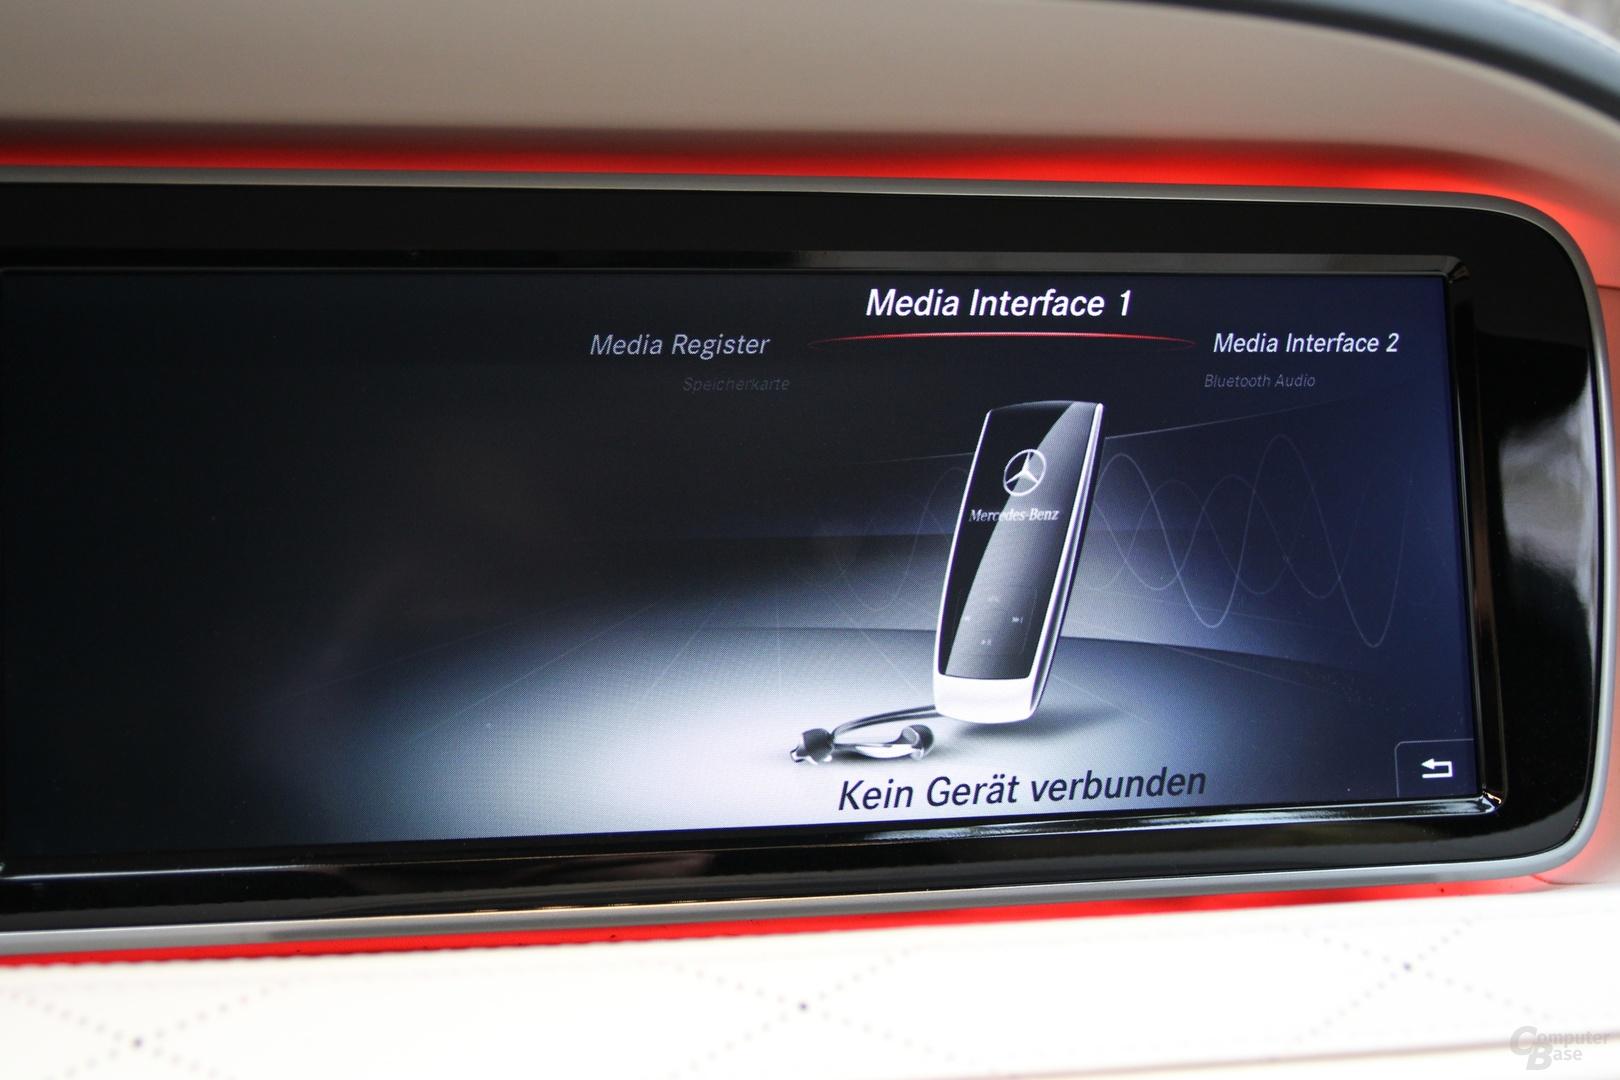 Die S-Klasse hat zahlreiche Schnittstellen für externe Geräte